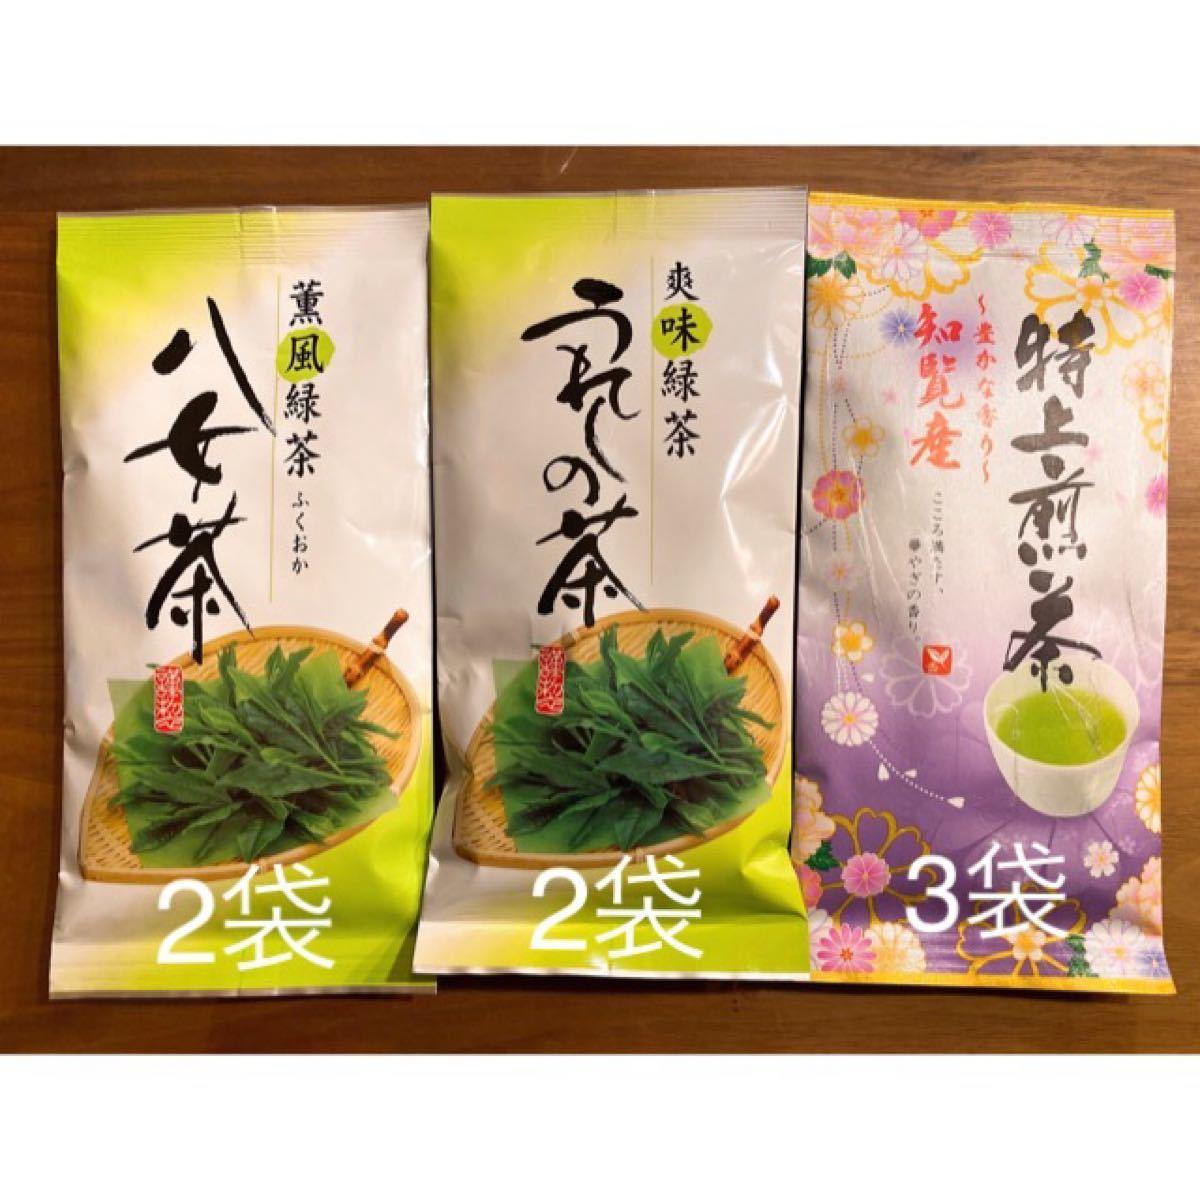 八女茶×2袋 うれしの茶×2袋 知覧茶×3袋 計7袋